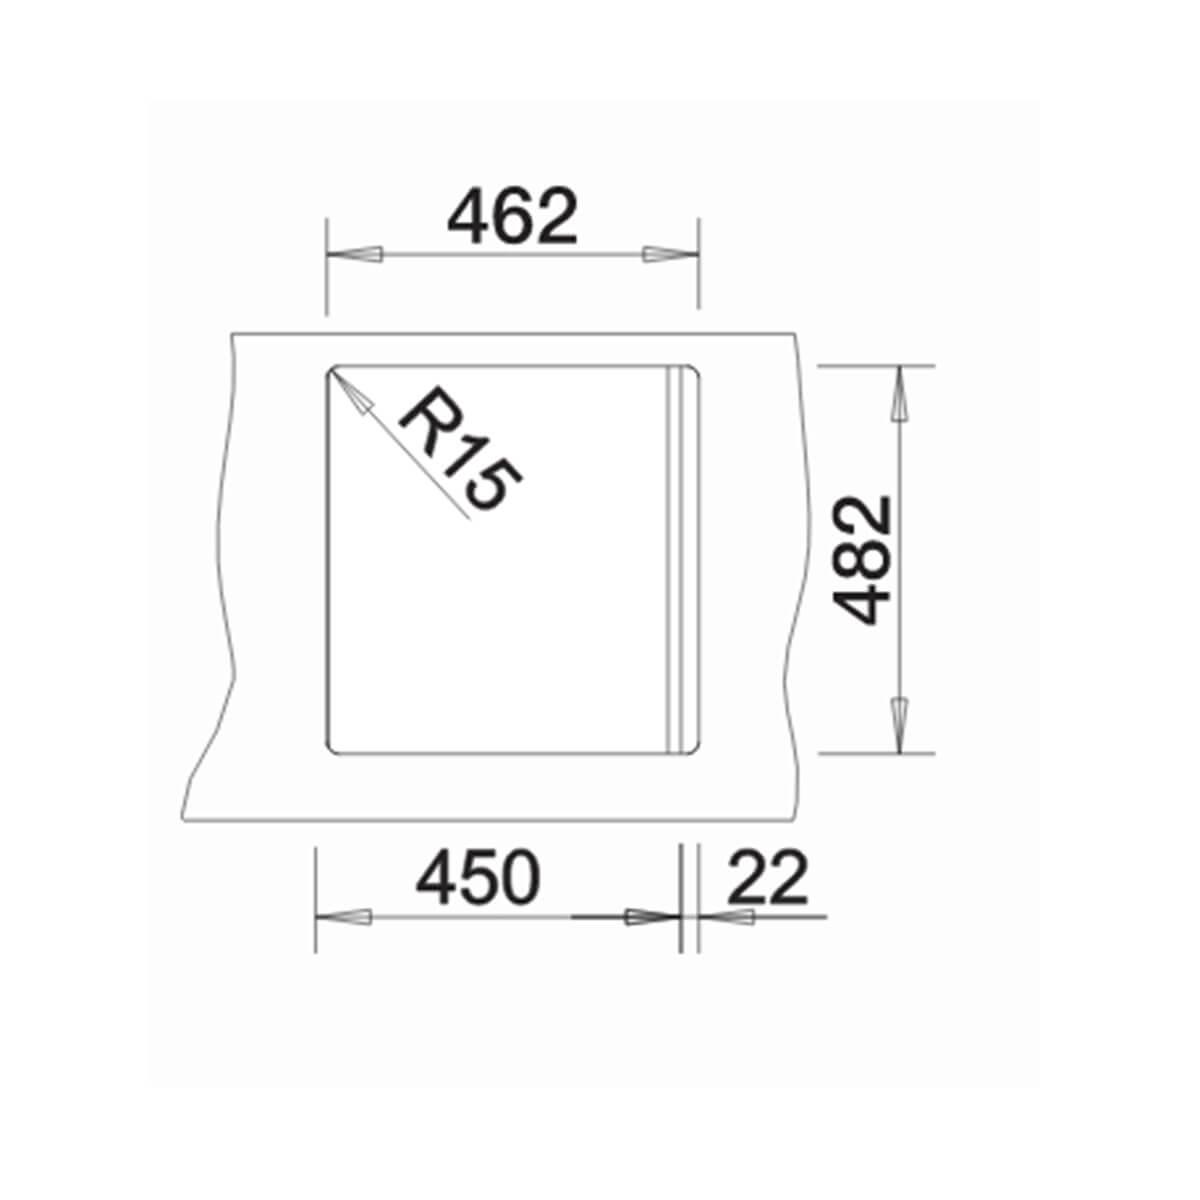 BLANCO ΑΝΟΞΕΙΔΩΤΟΣ ΝΕΡΟΧΥΤΗΣ ΕΝΘΕΤΟΣ TIPO 45 ΛΕΙΟΣ (48x50) 6